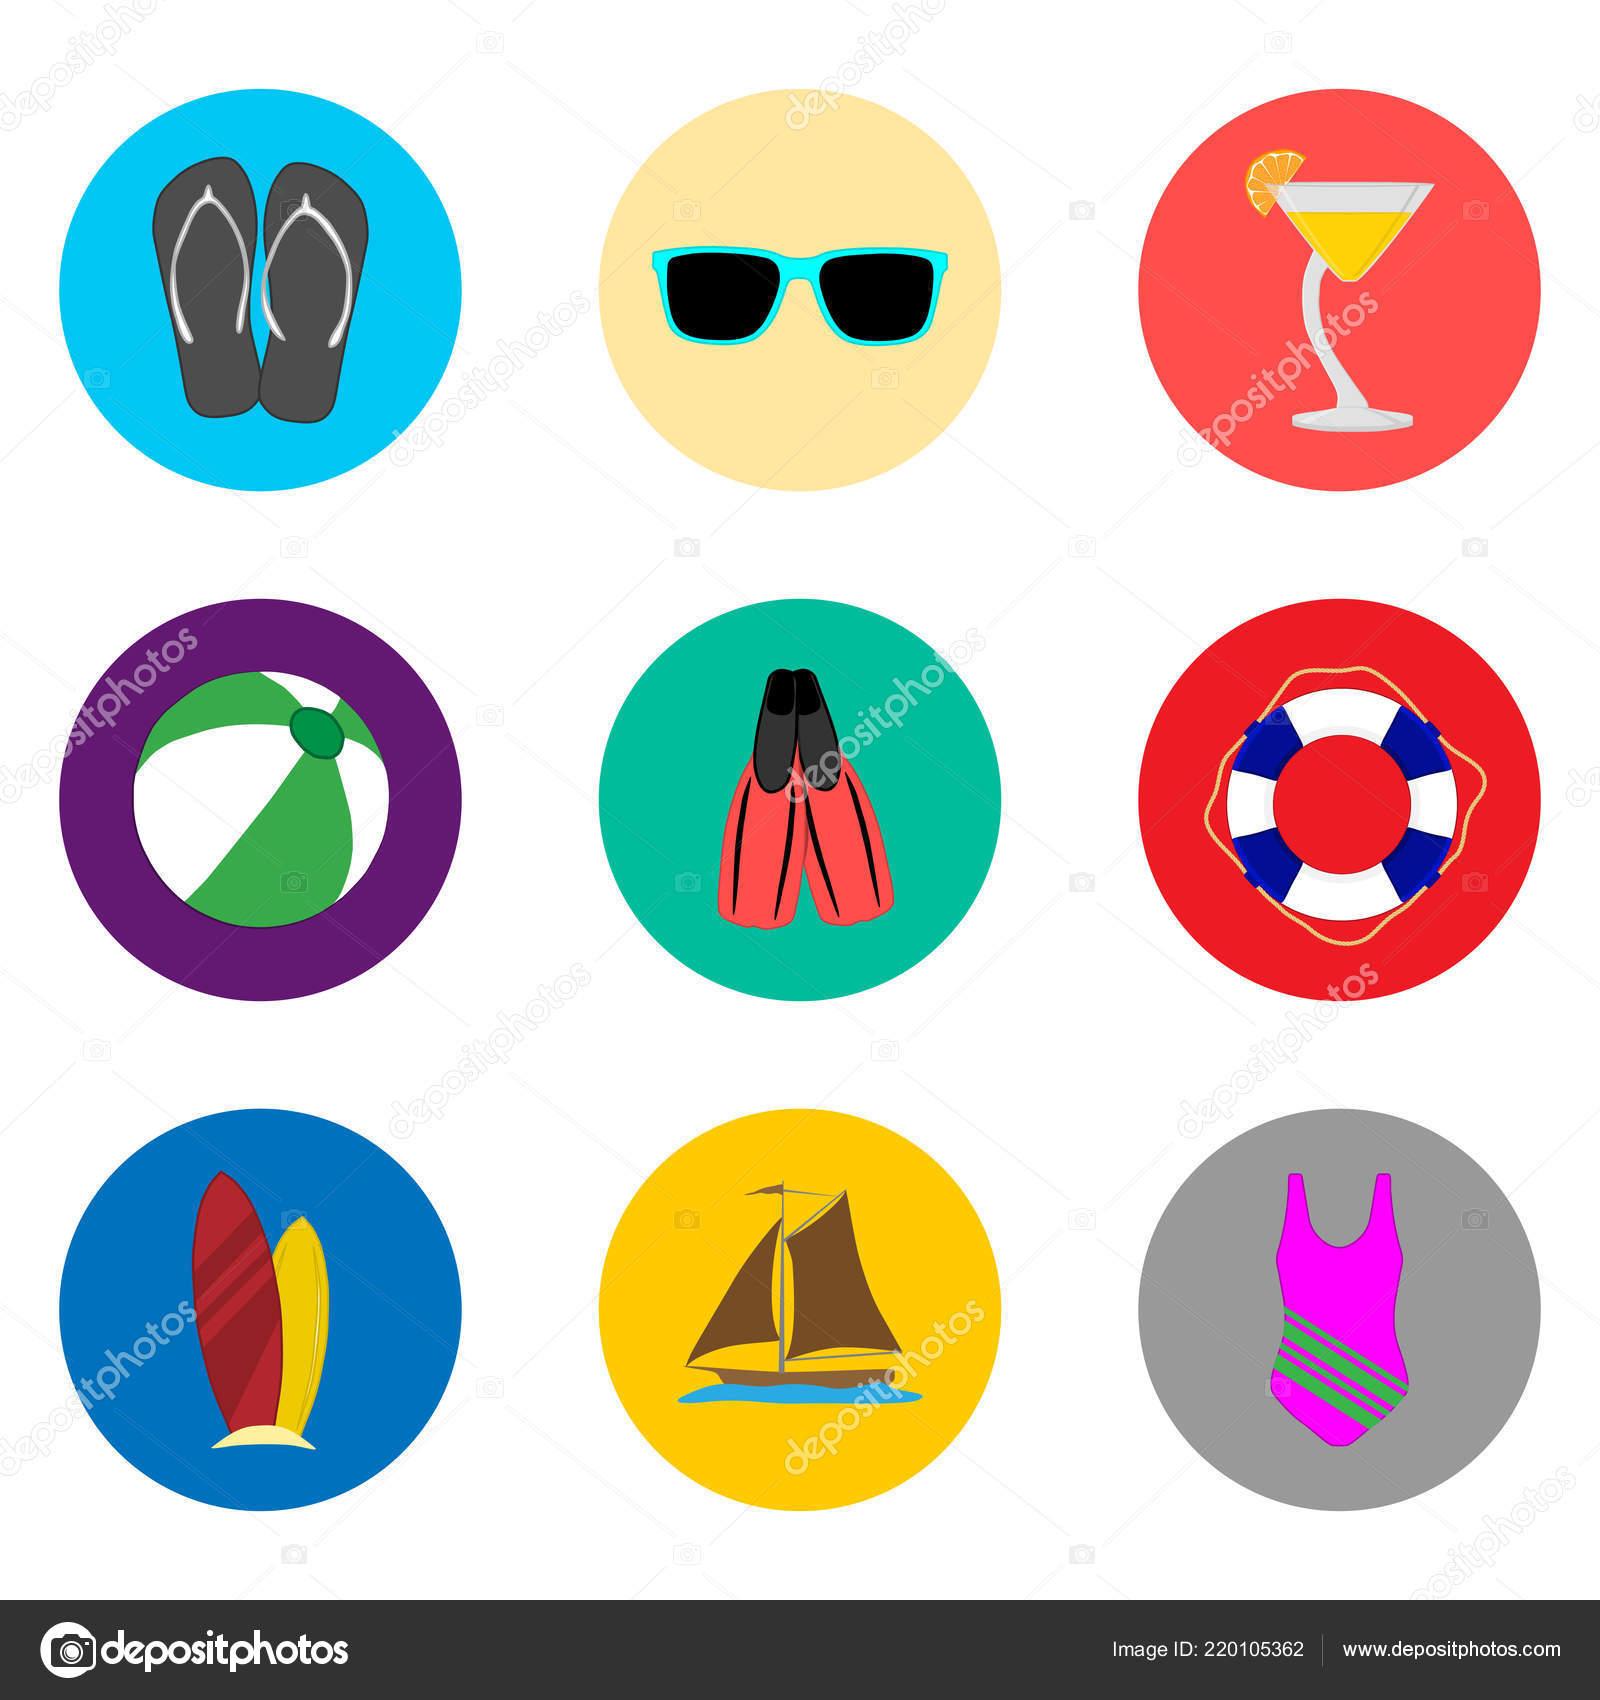 e8b95b45a Vector Icono Ilustración Logotipo Símbolos Sets Botones Colores ...